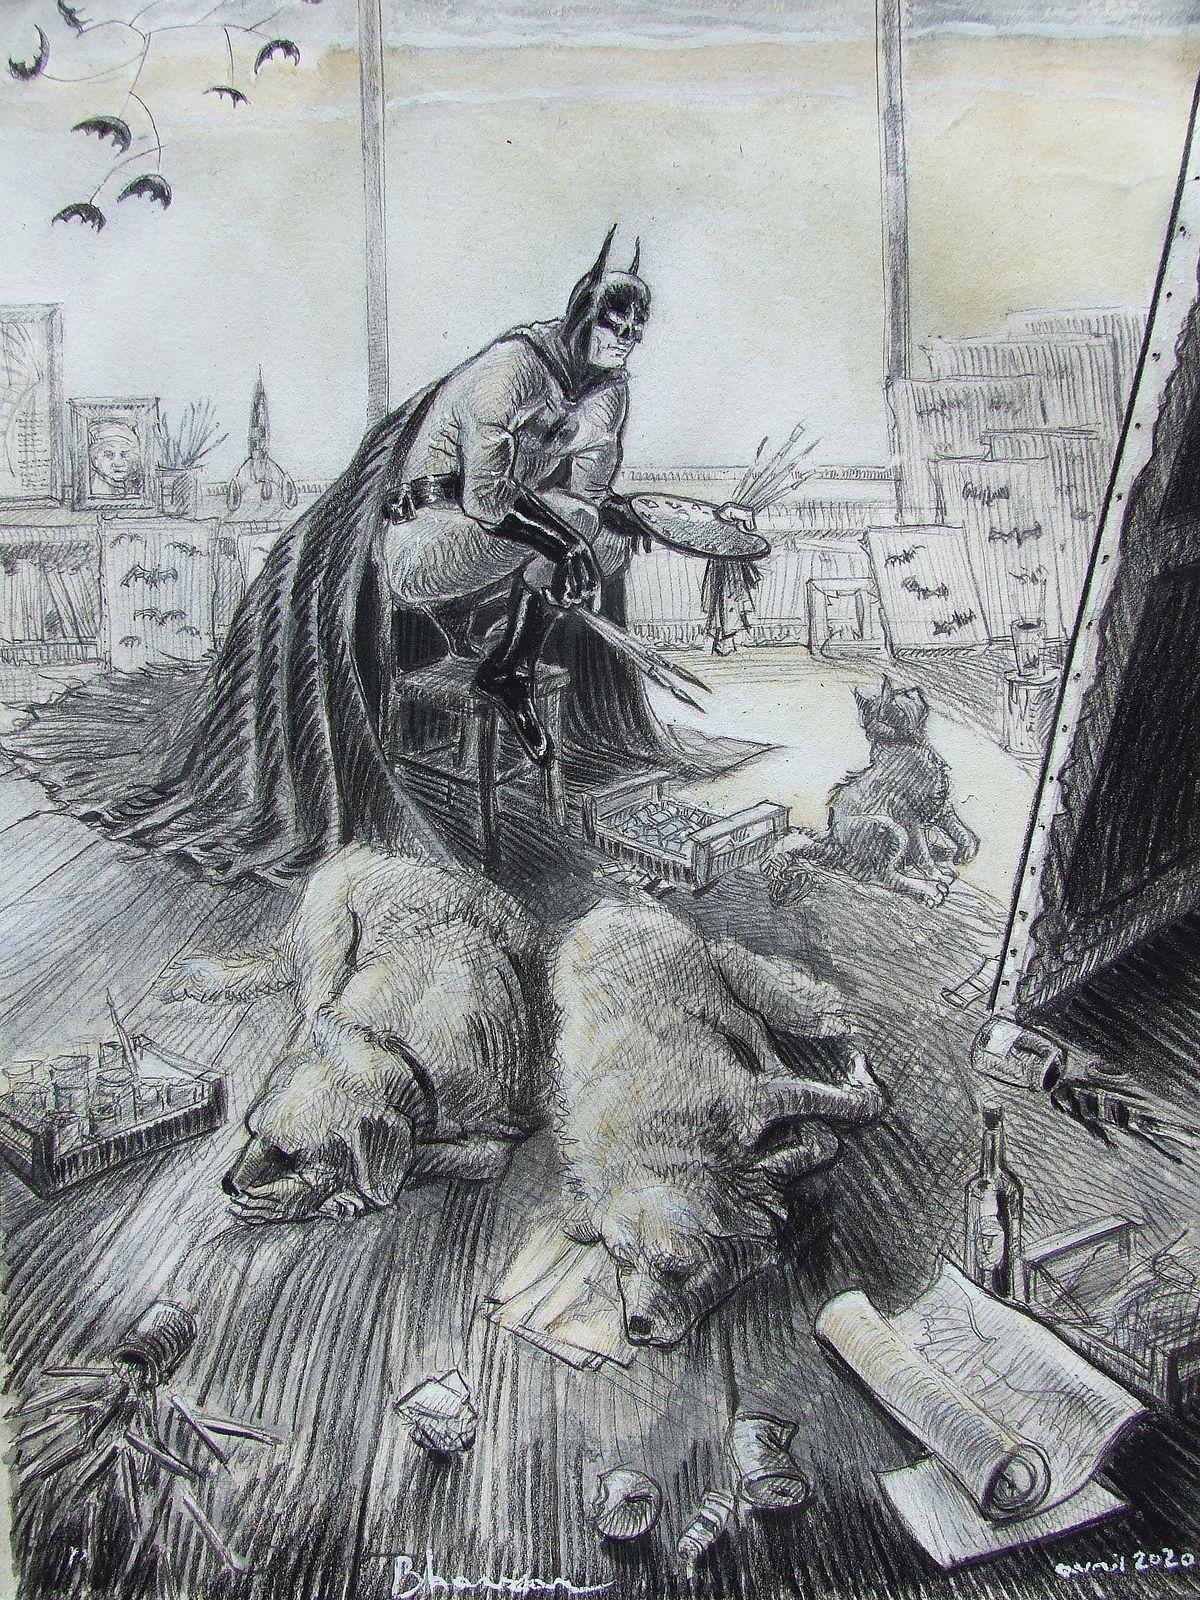 Portrait du peintre en cap'tain nature morte, en Batman, en Captain America, à la femme nue. Technique mixte sur papier... (L'atelier du peintre 1, 2, 3 et 4, voir plus bas) Bhavsar